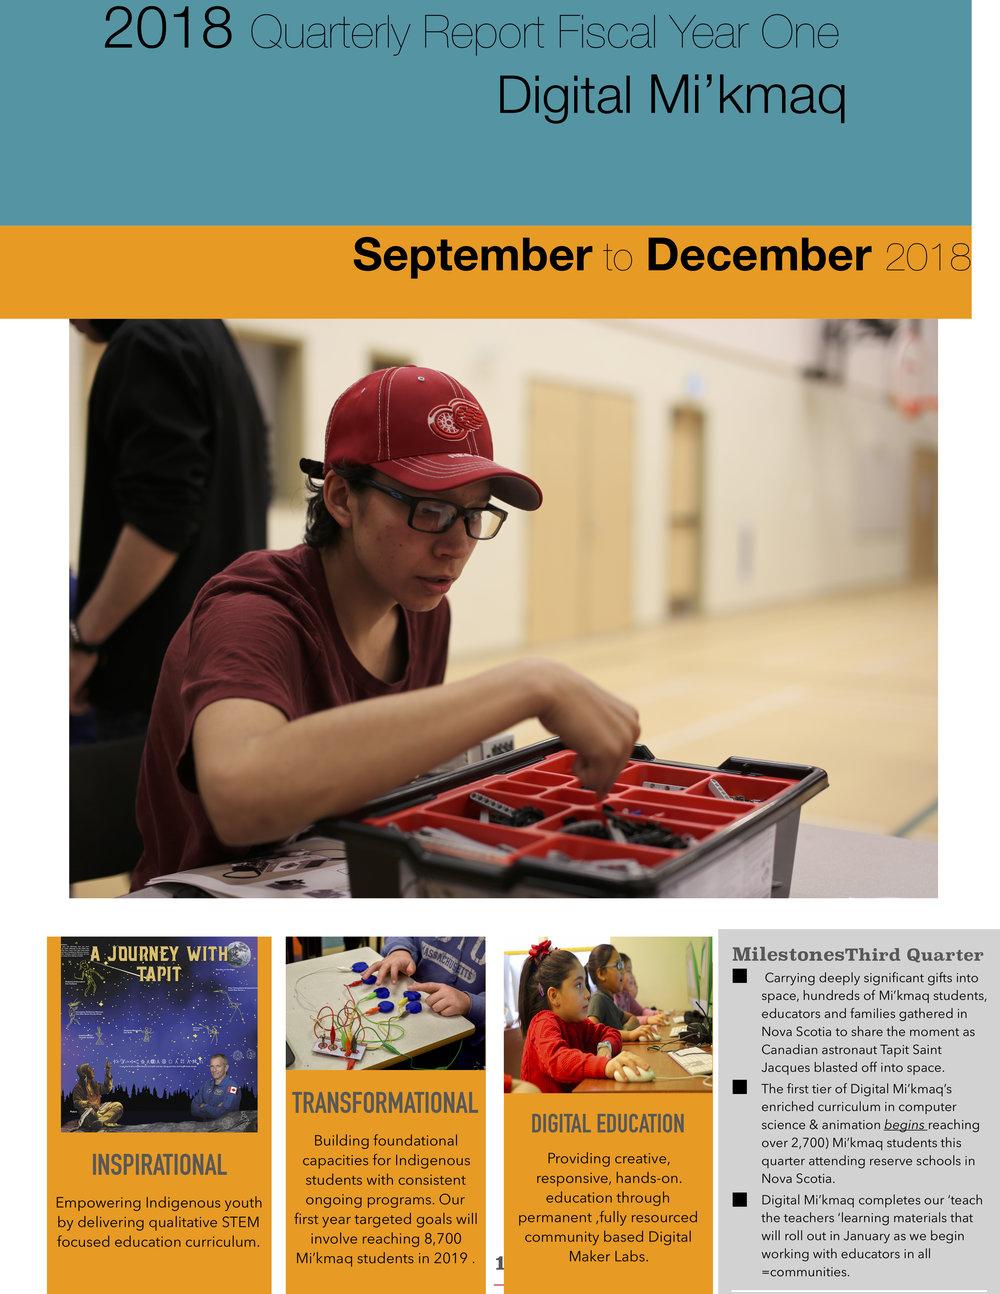 September - December 2018 Quarterly Report